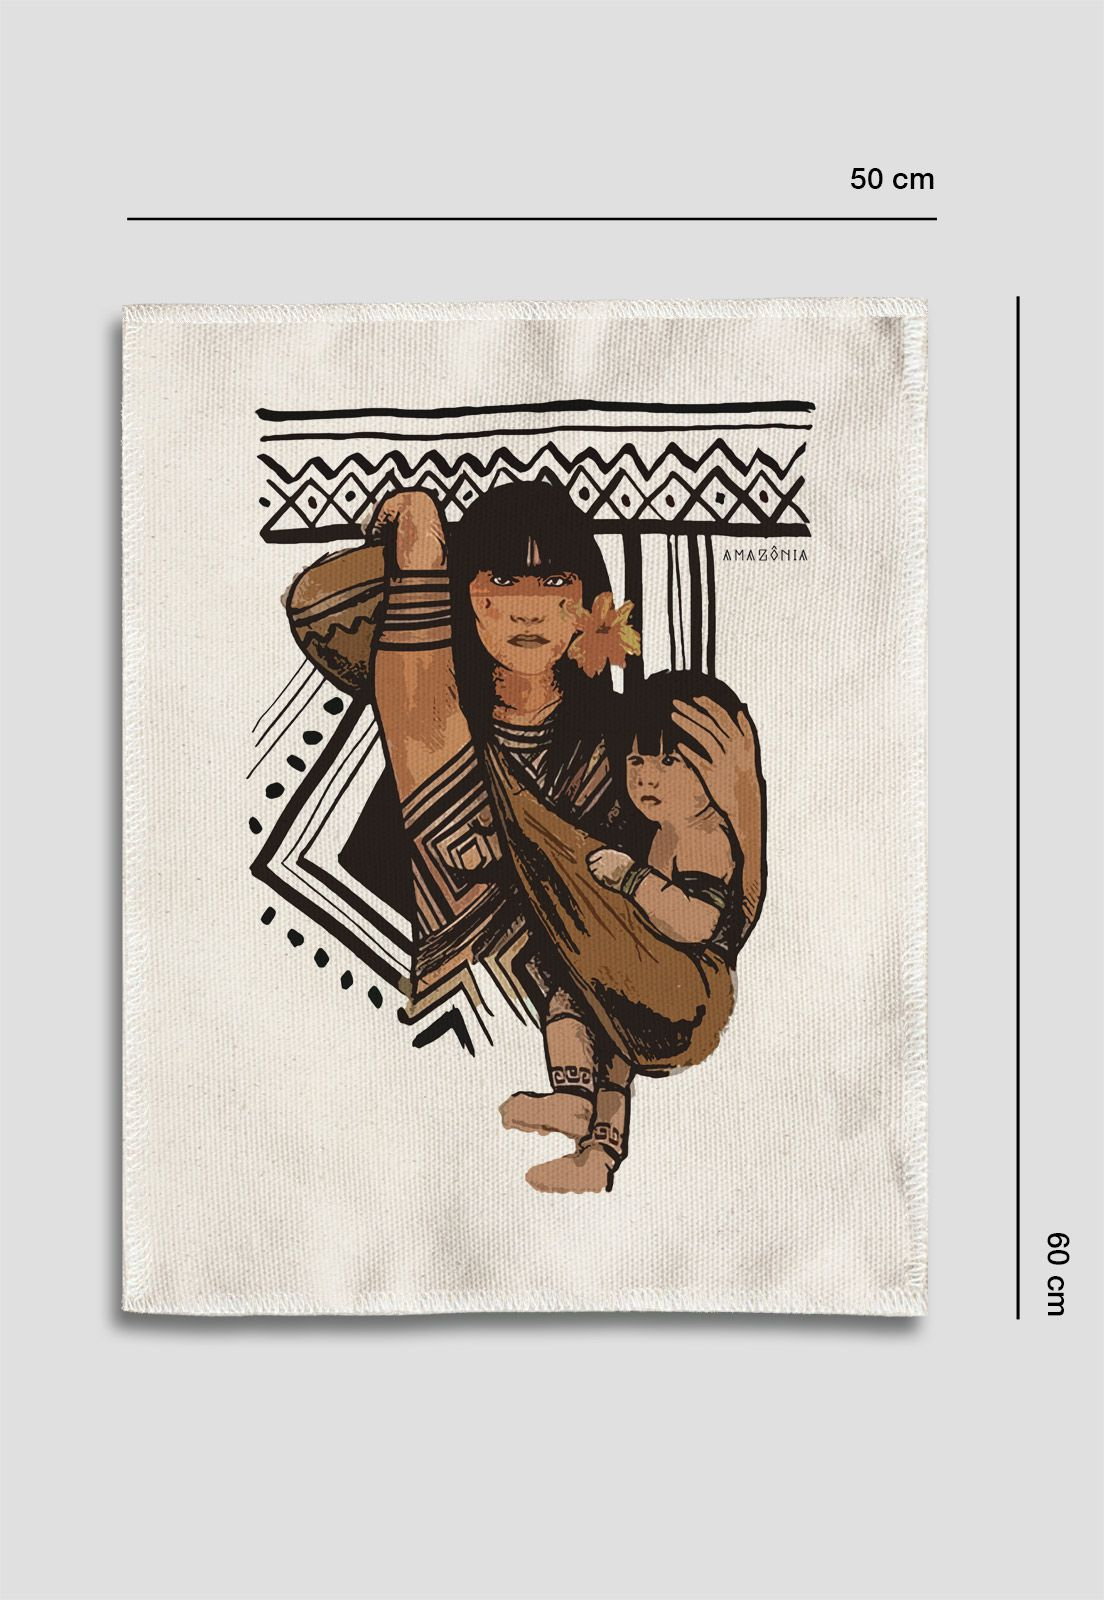 Tela Amazônia - Família Indígena